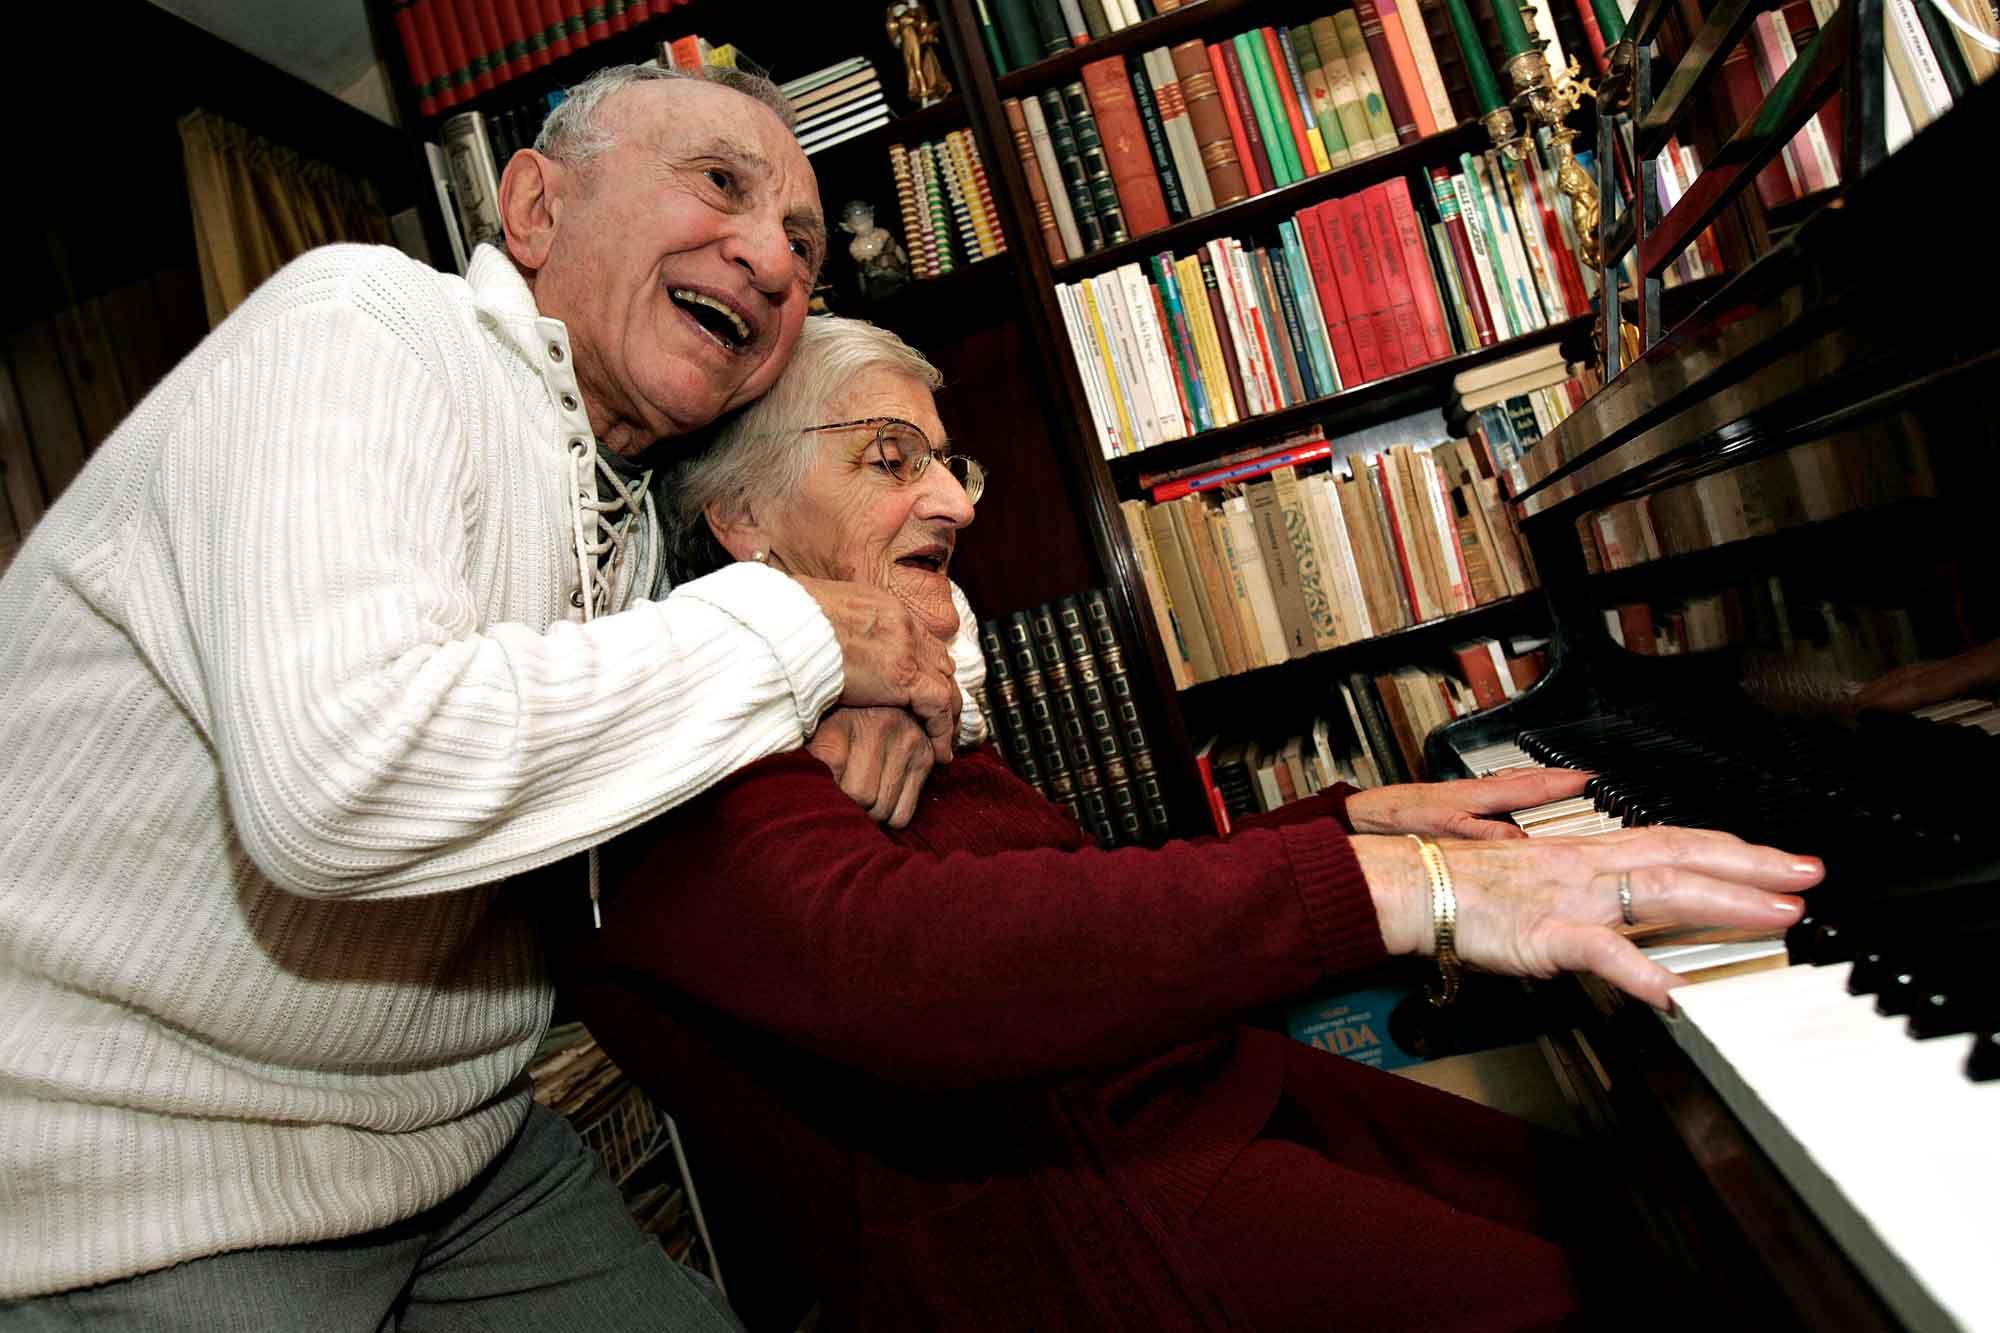 Ældre ægtepar synger og spiller